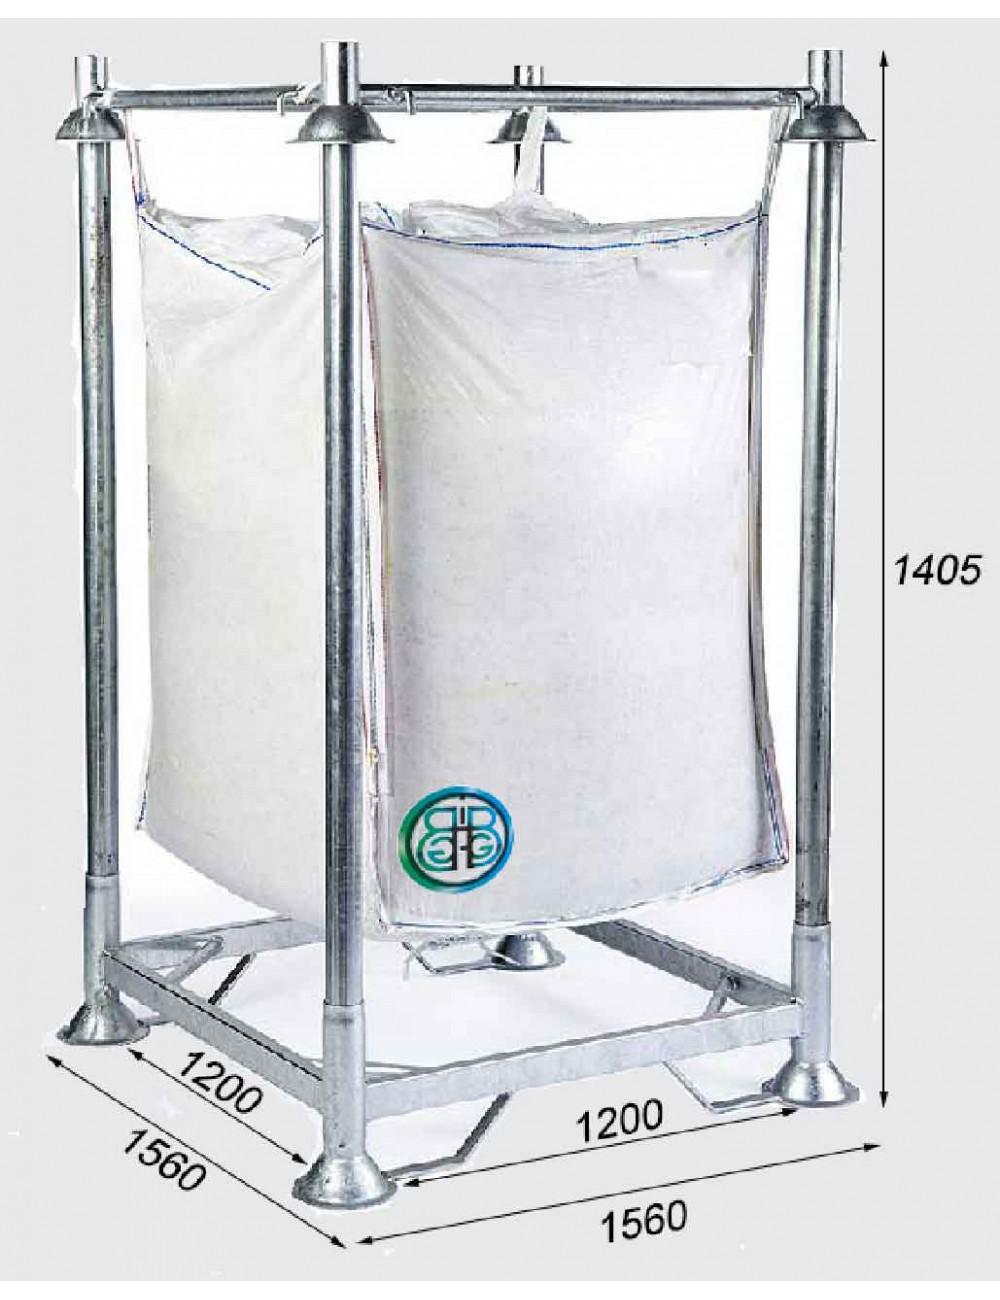 Struttura di supporto rinforzata per Big Bag Altezza 140,5 cm